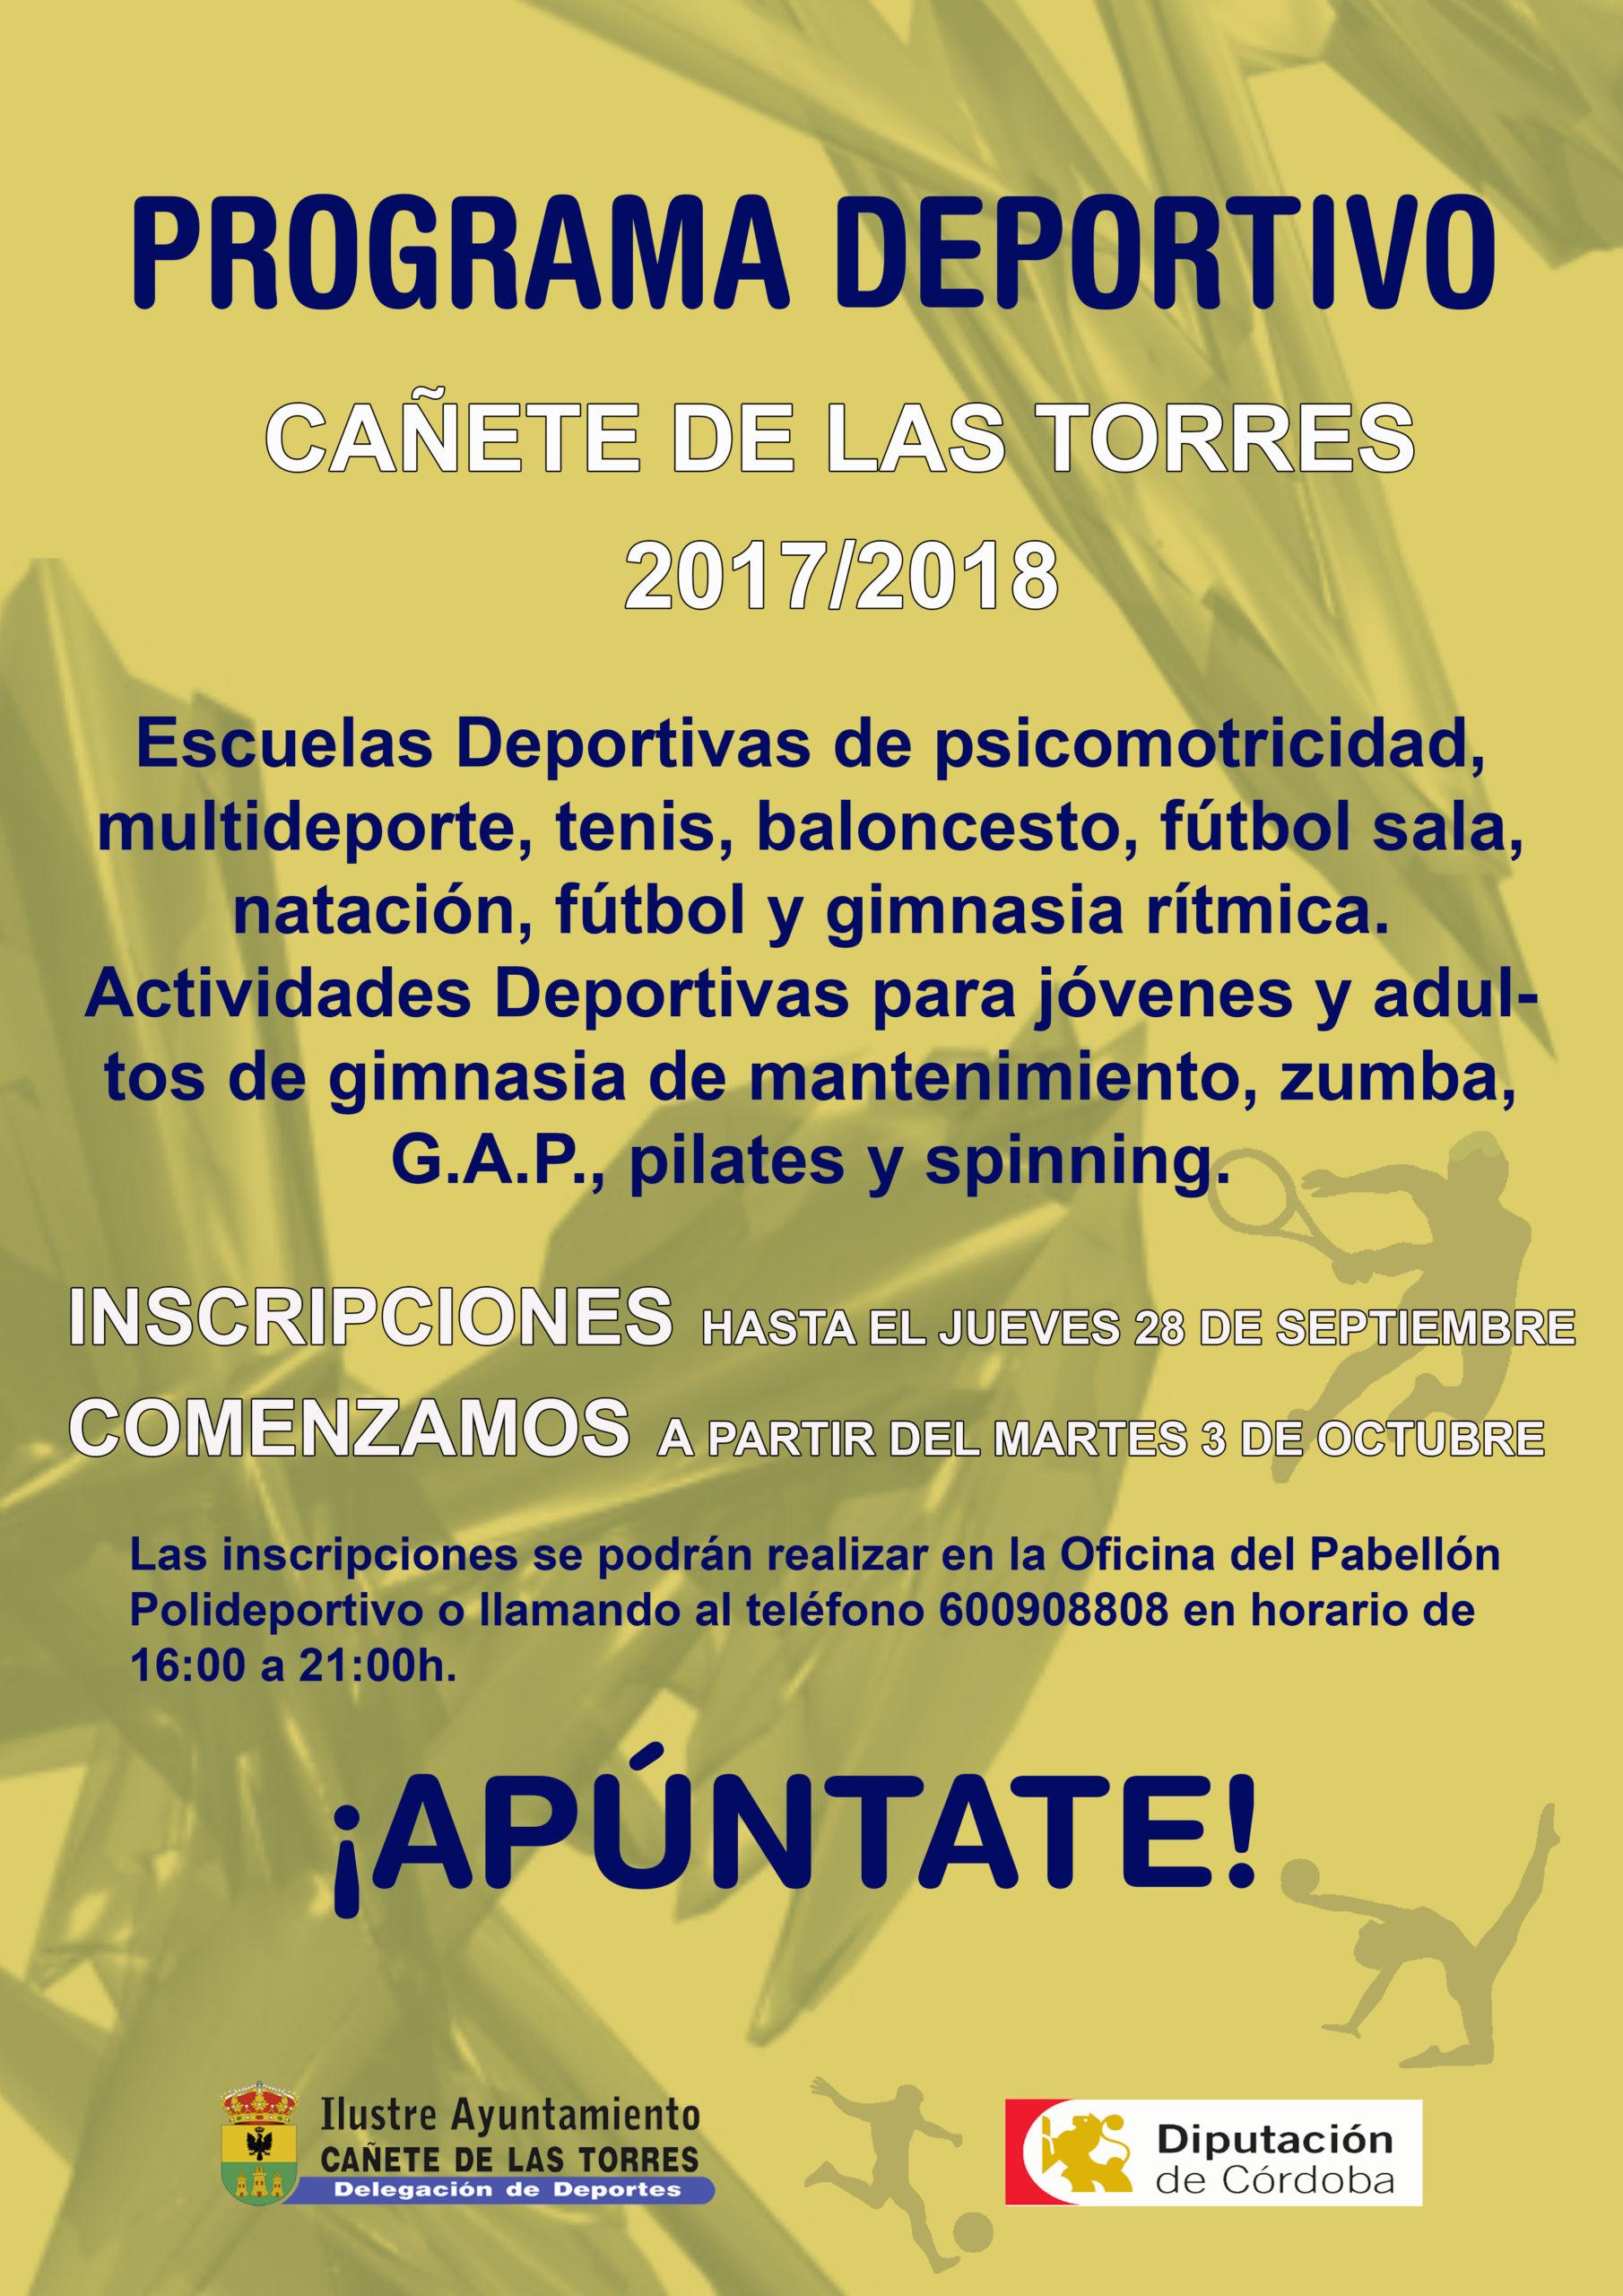 Programa Deportivo 2017/18 Cañete de las Torres 1